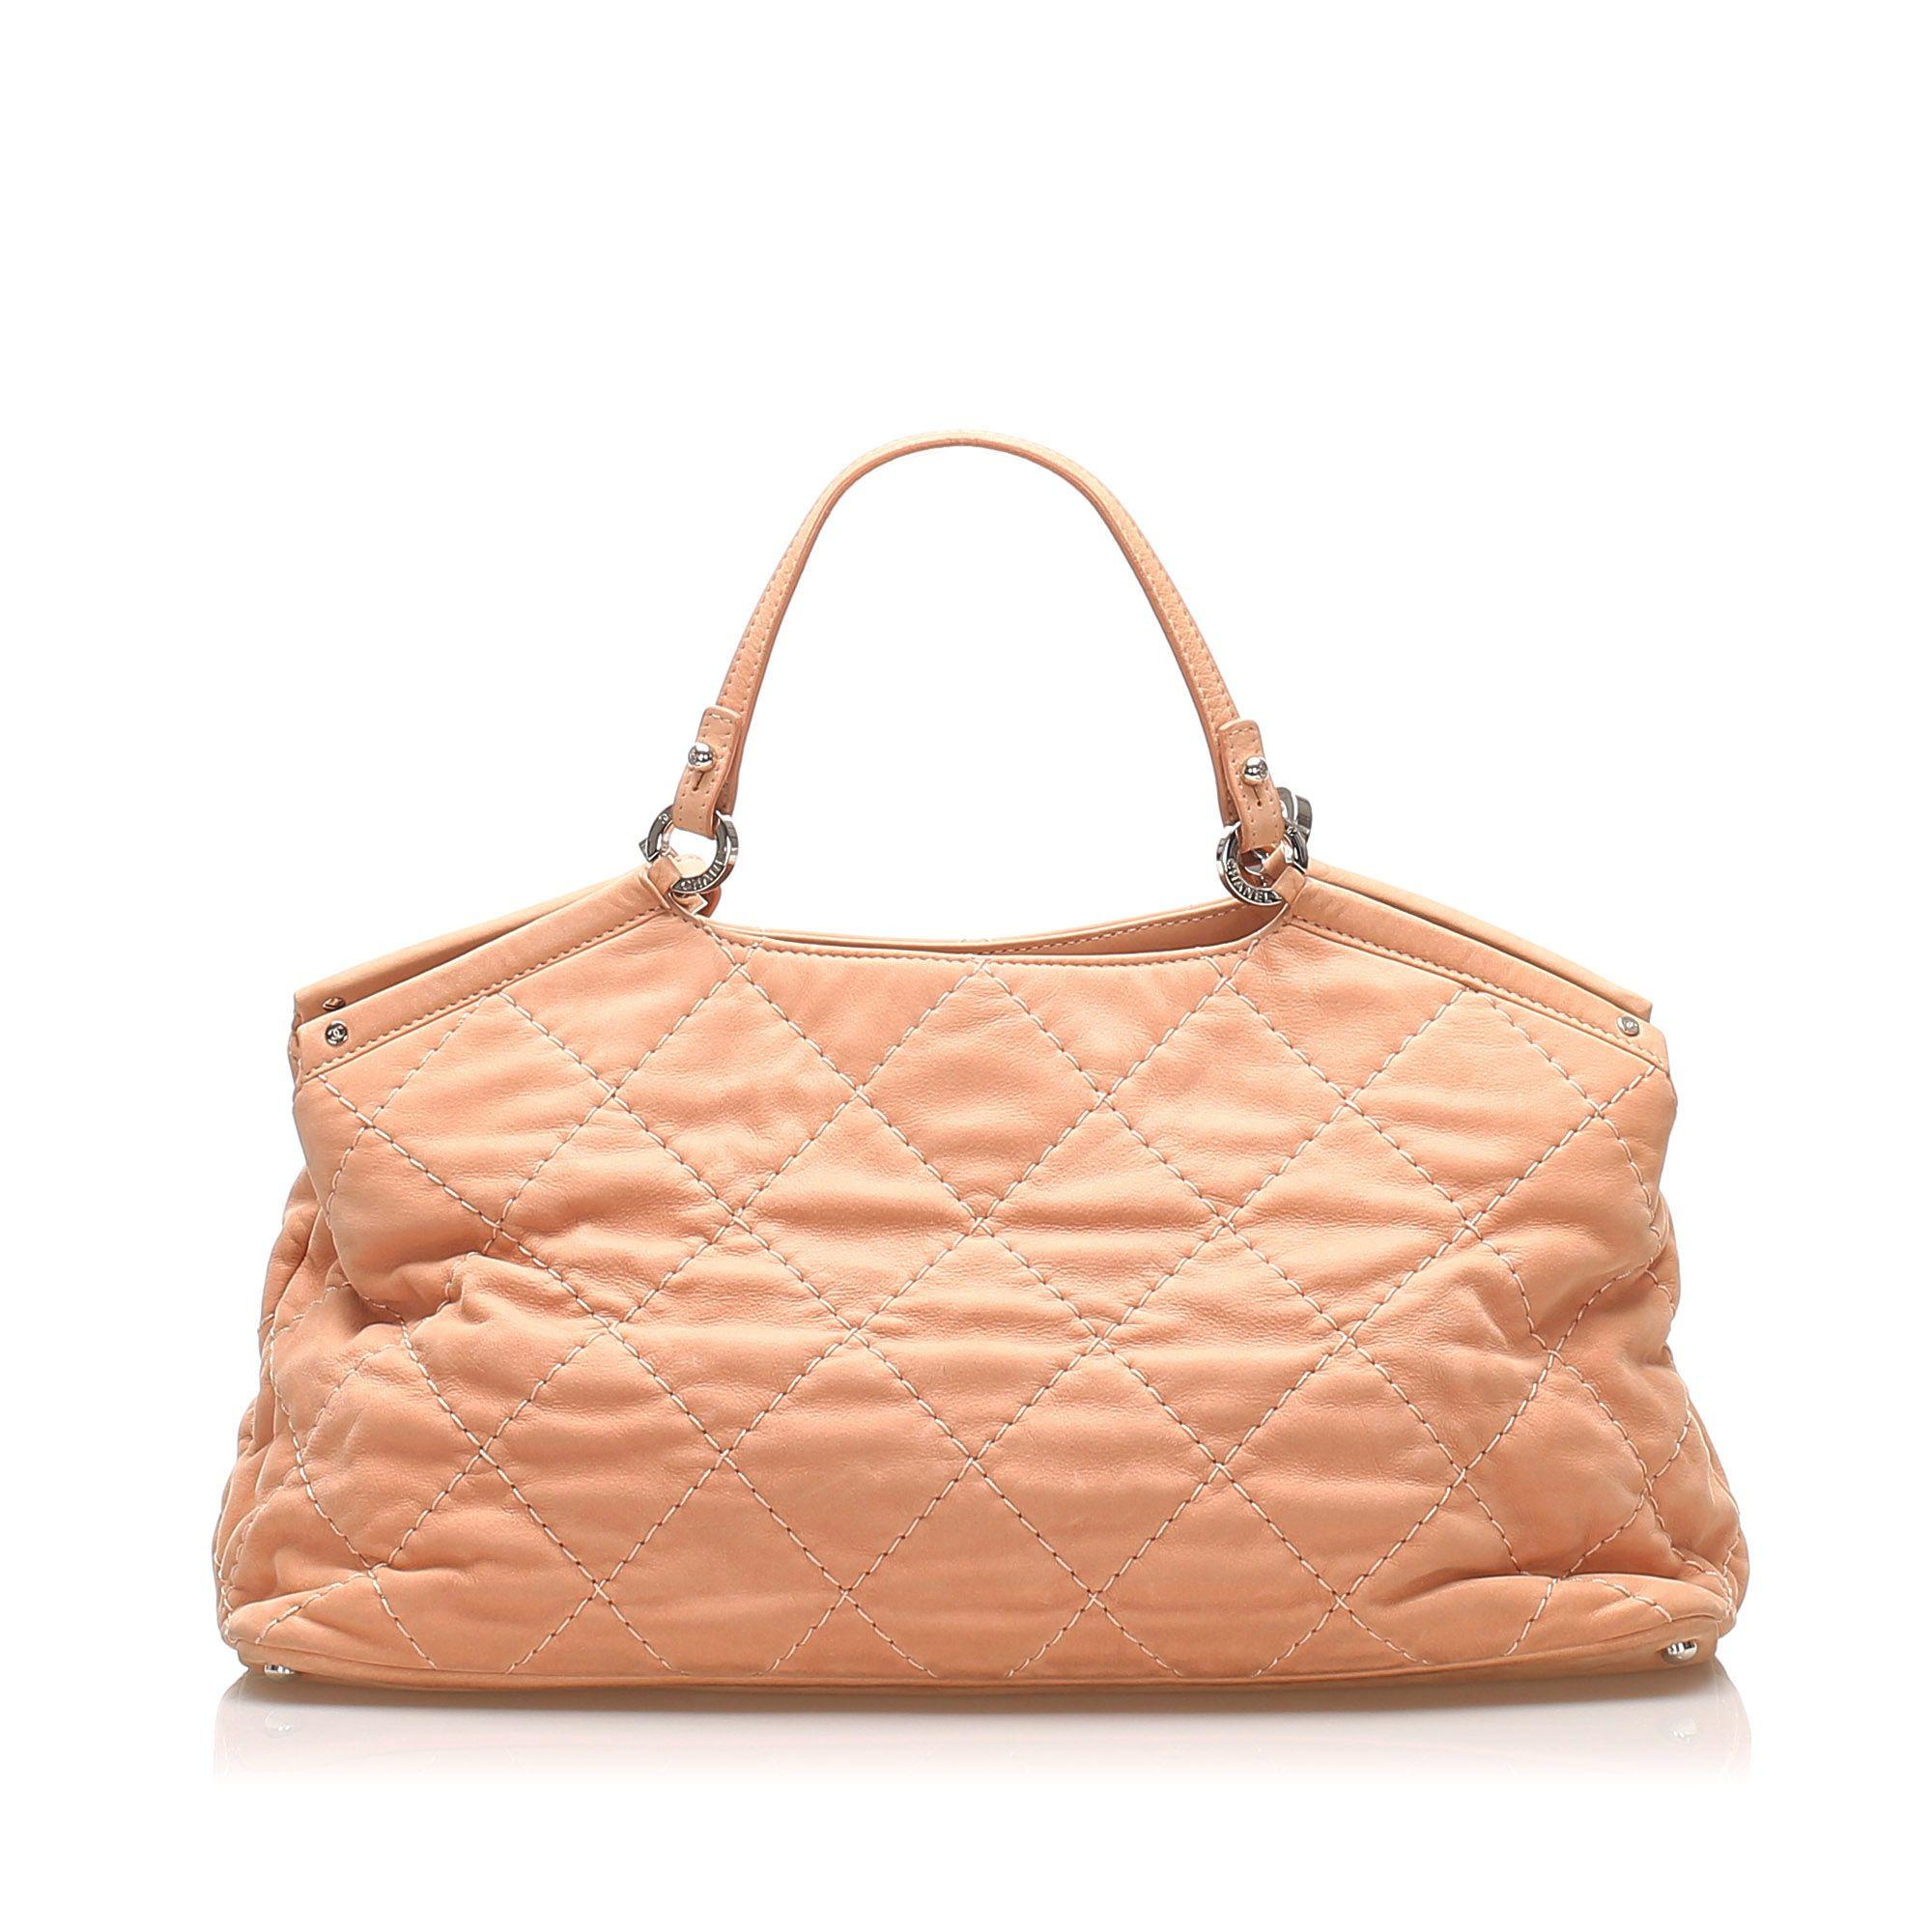 Vintage Chanel Wild Stitch CC Lambskin Leather Satchel Pink